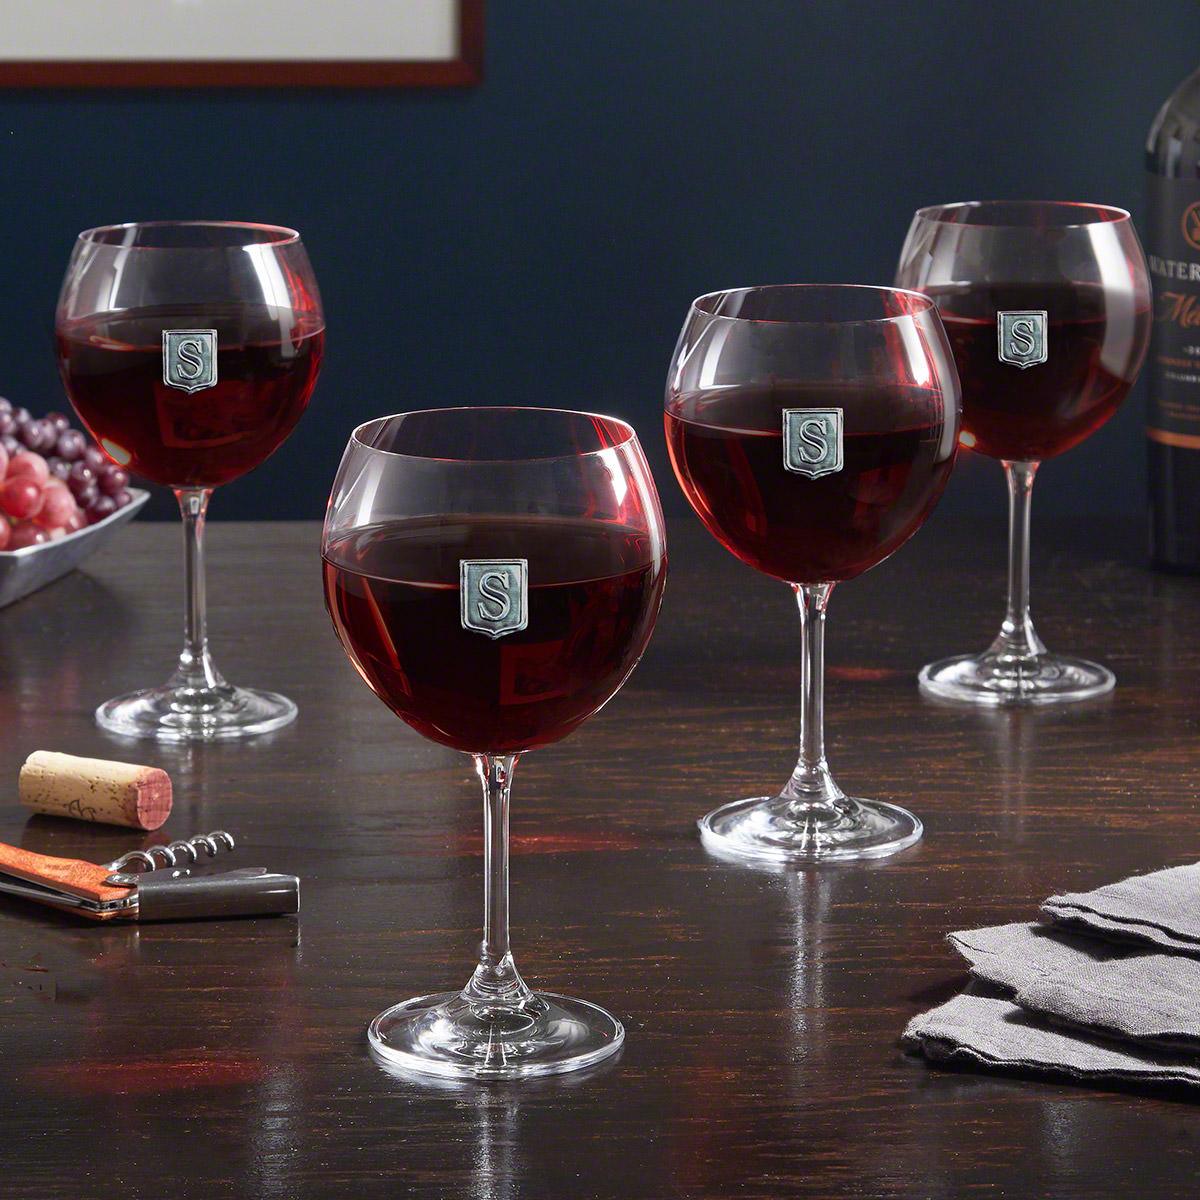 Regal Crest Monogrammed Red Wine Glasses, Set of 4